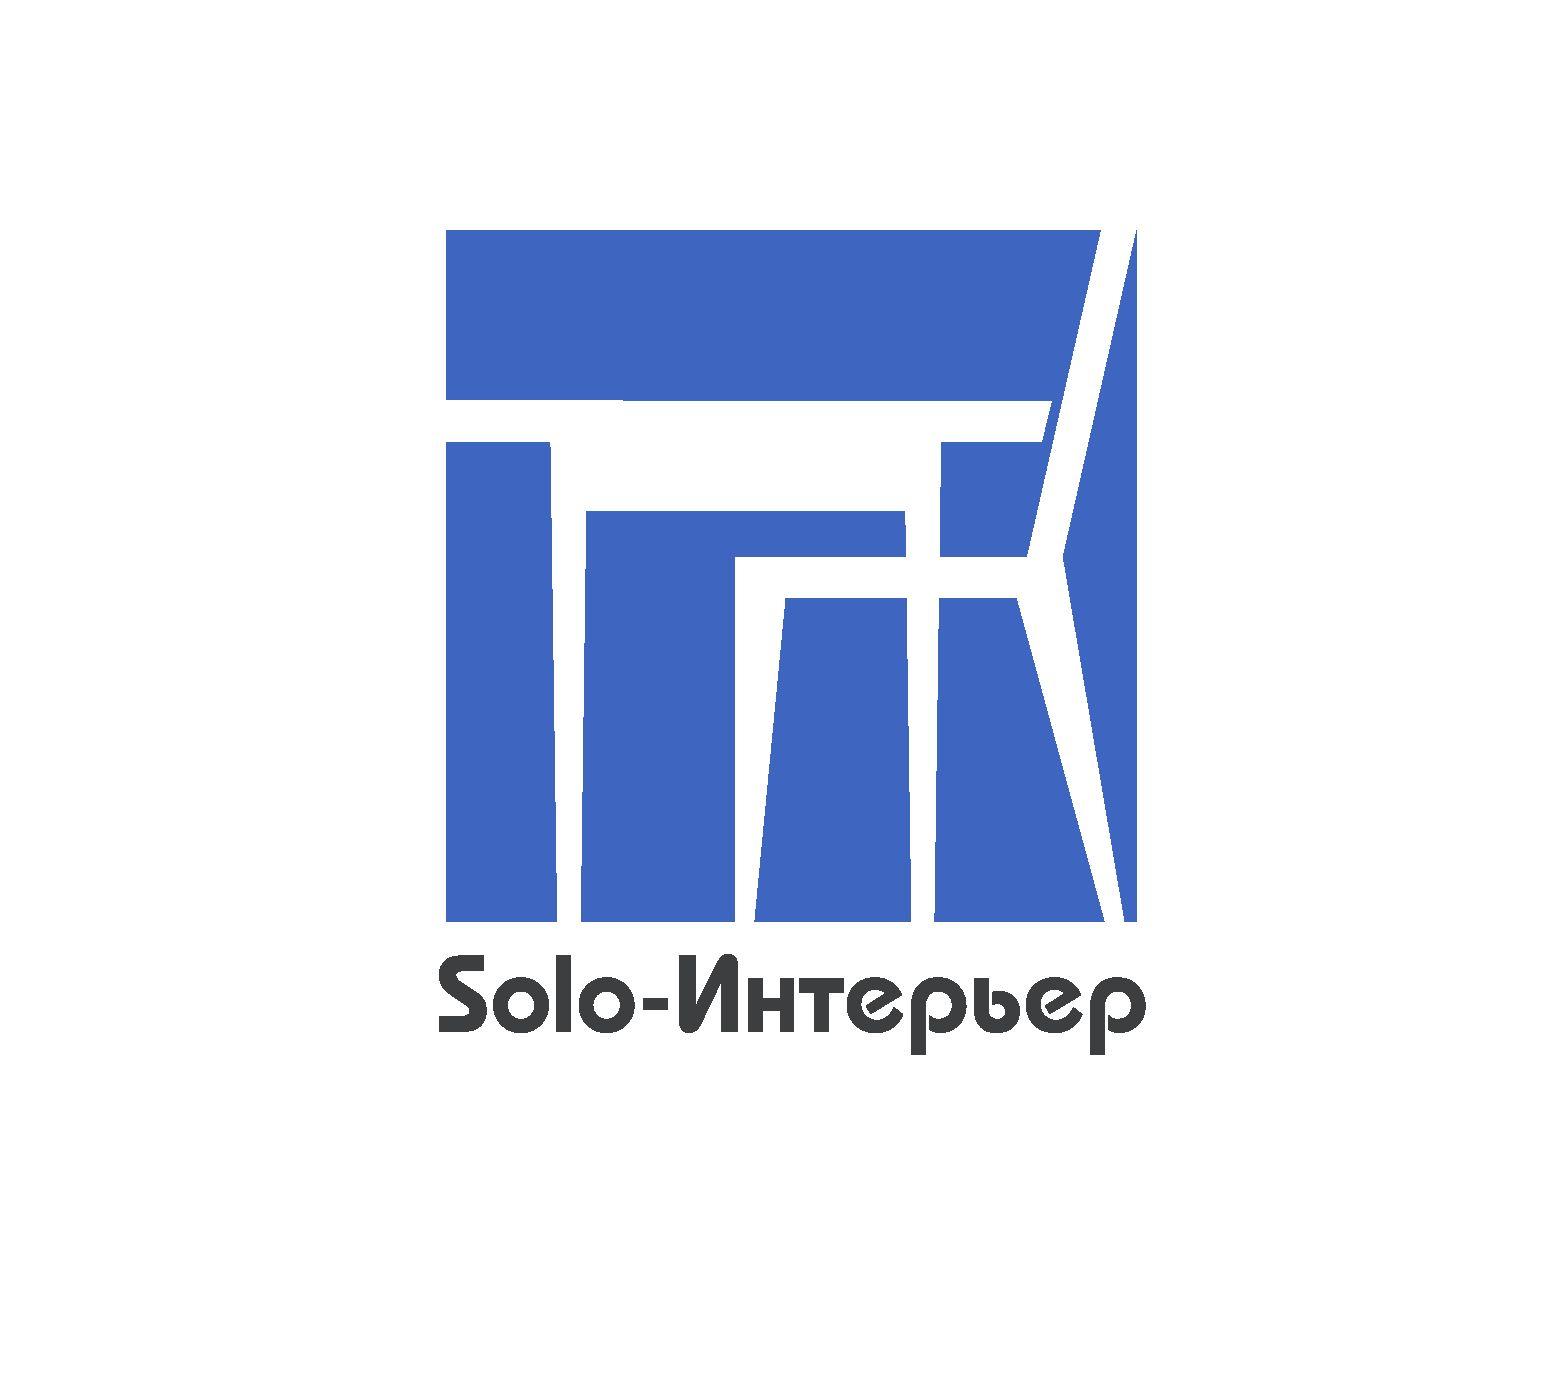 Редизайн логотипа - дизайнер markosov